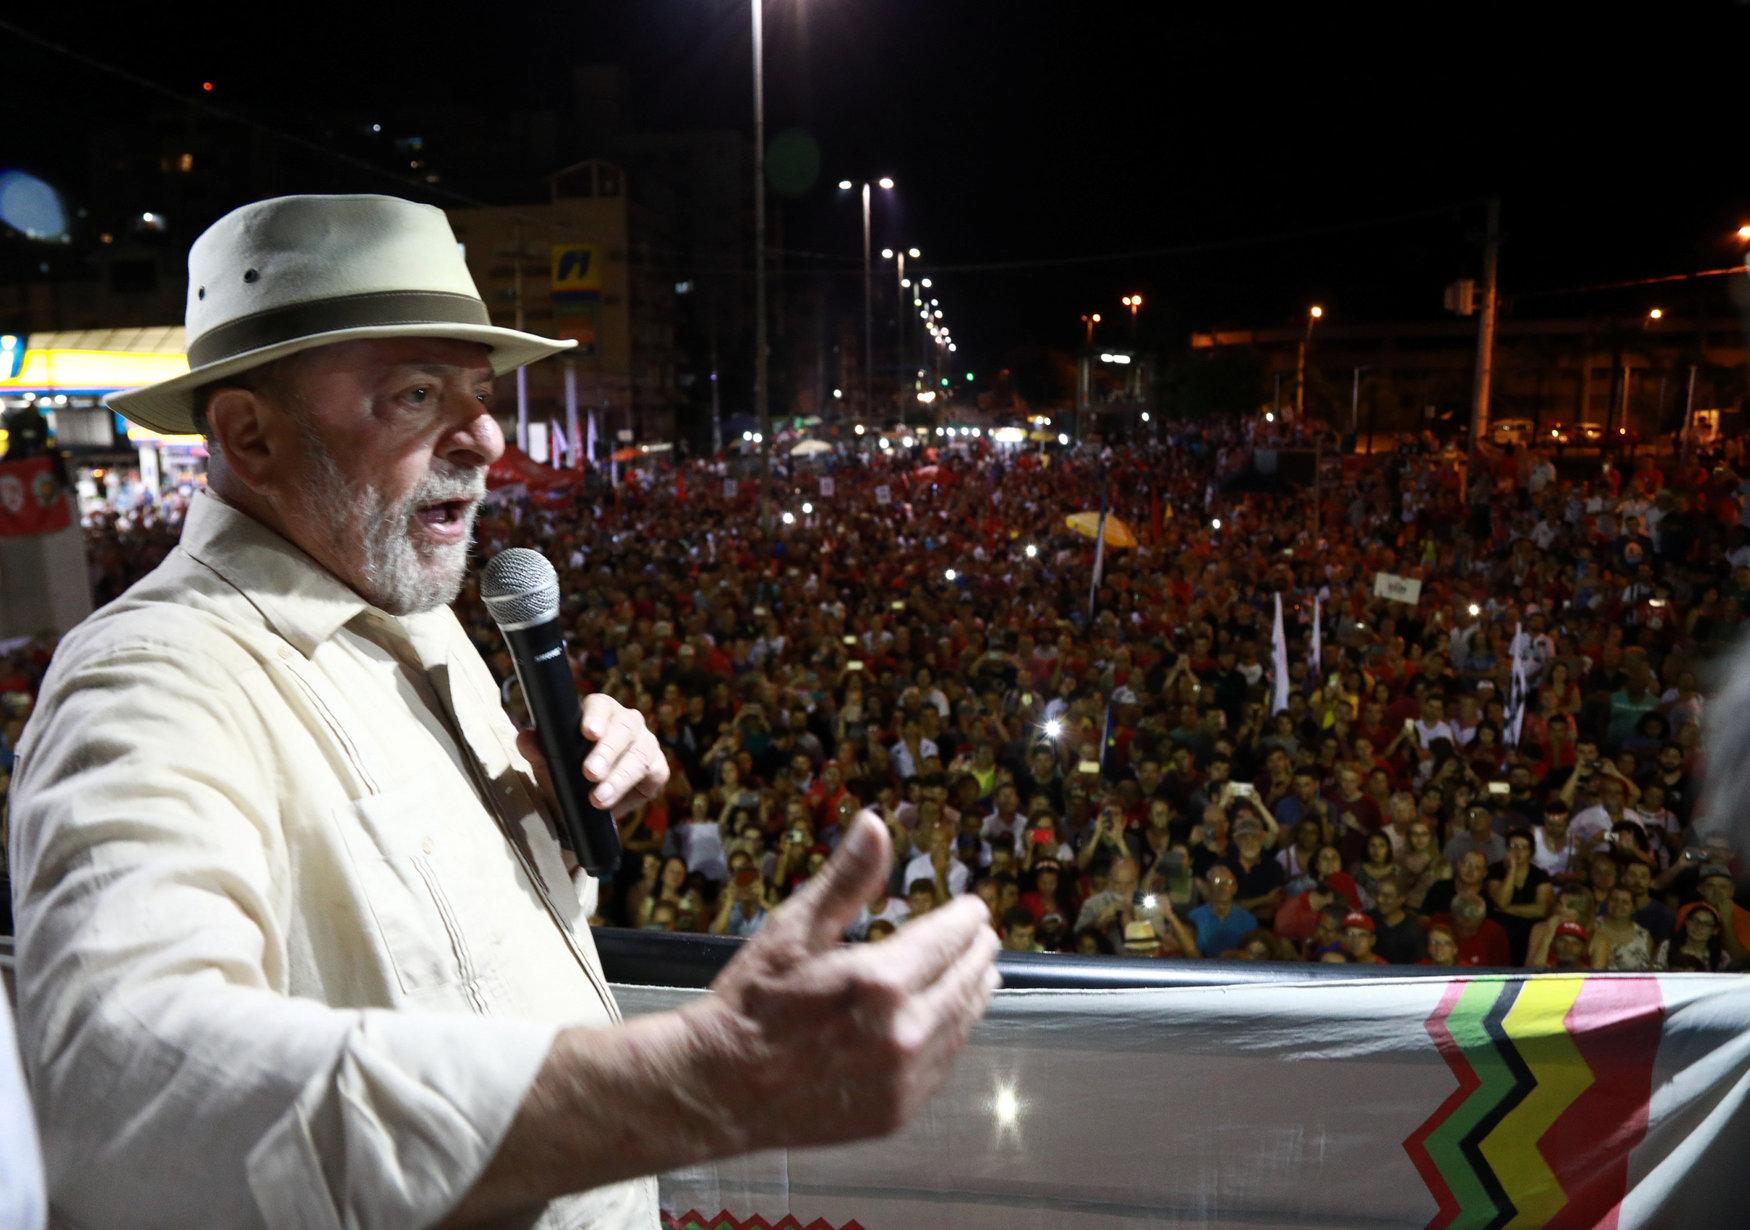 O ex-presidente brasileiro Luiz Inácio Lula da Silva participa de um comício em São Leopoldo, Estado do Rio Grande do Sul, Brasil 23 de março de 2018. REUTERS / Diego Vara